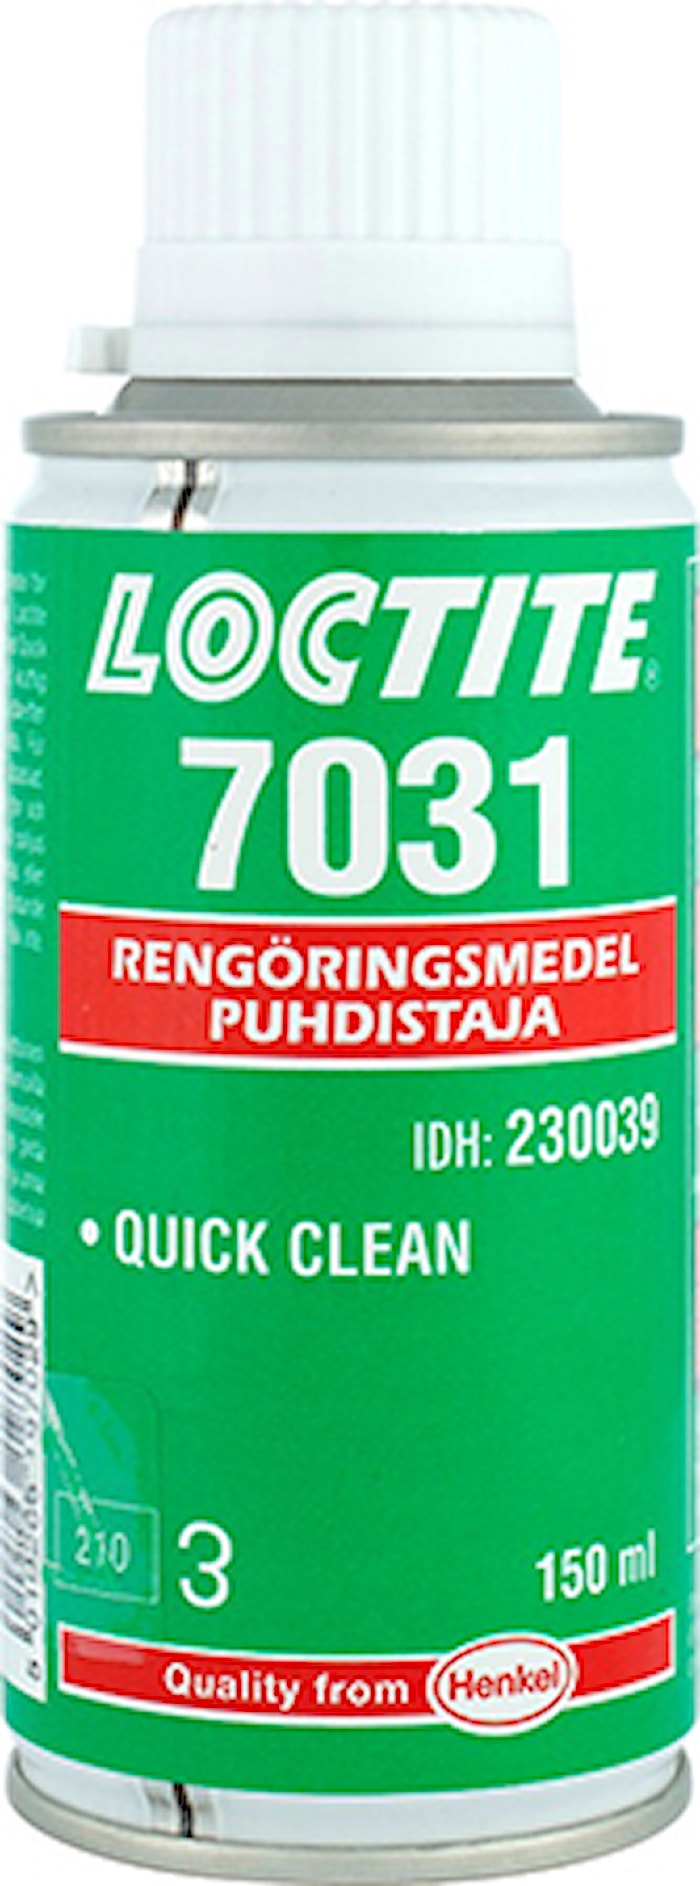 Loctite 7031 Quickclean 150ml